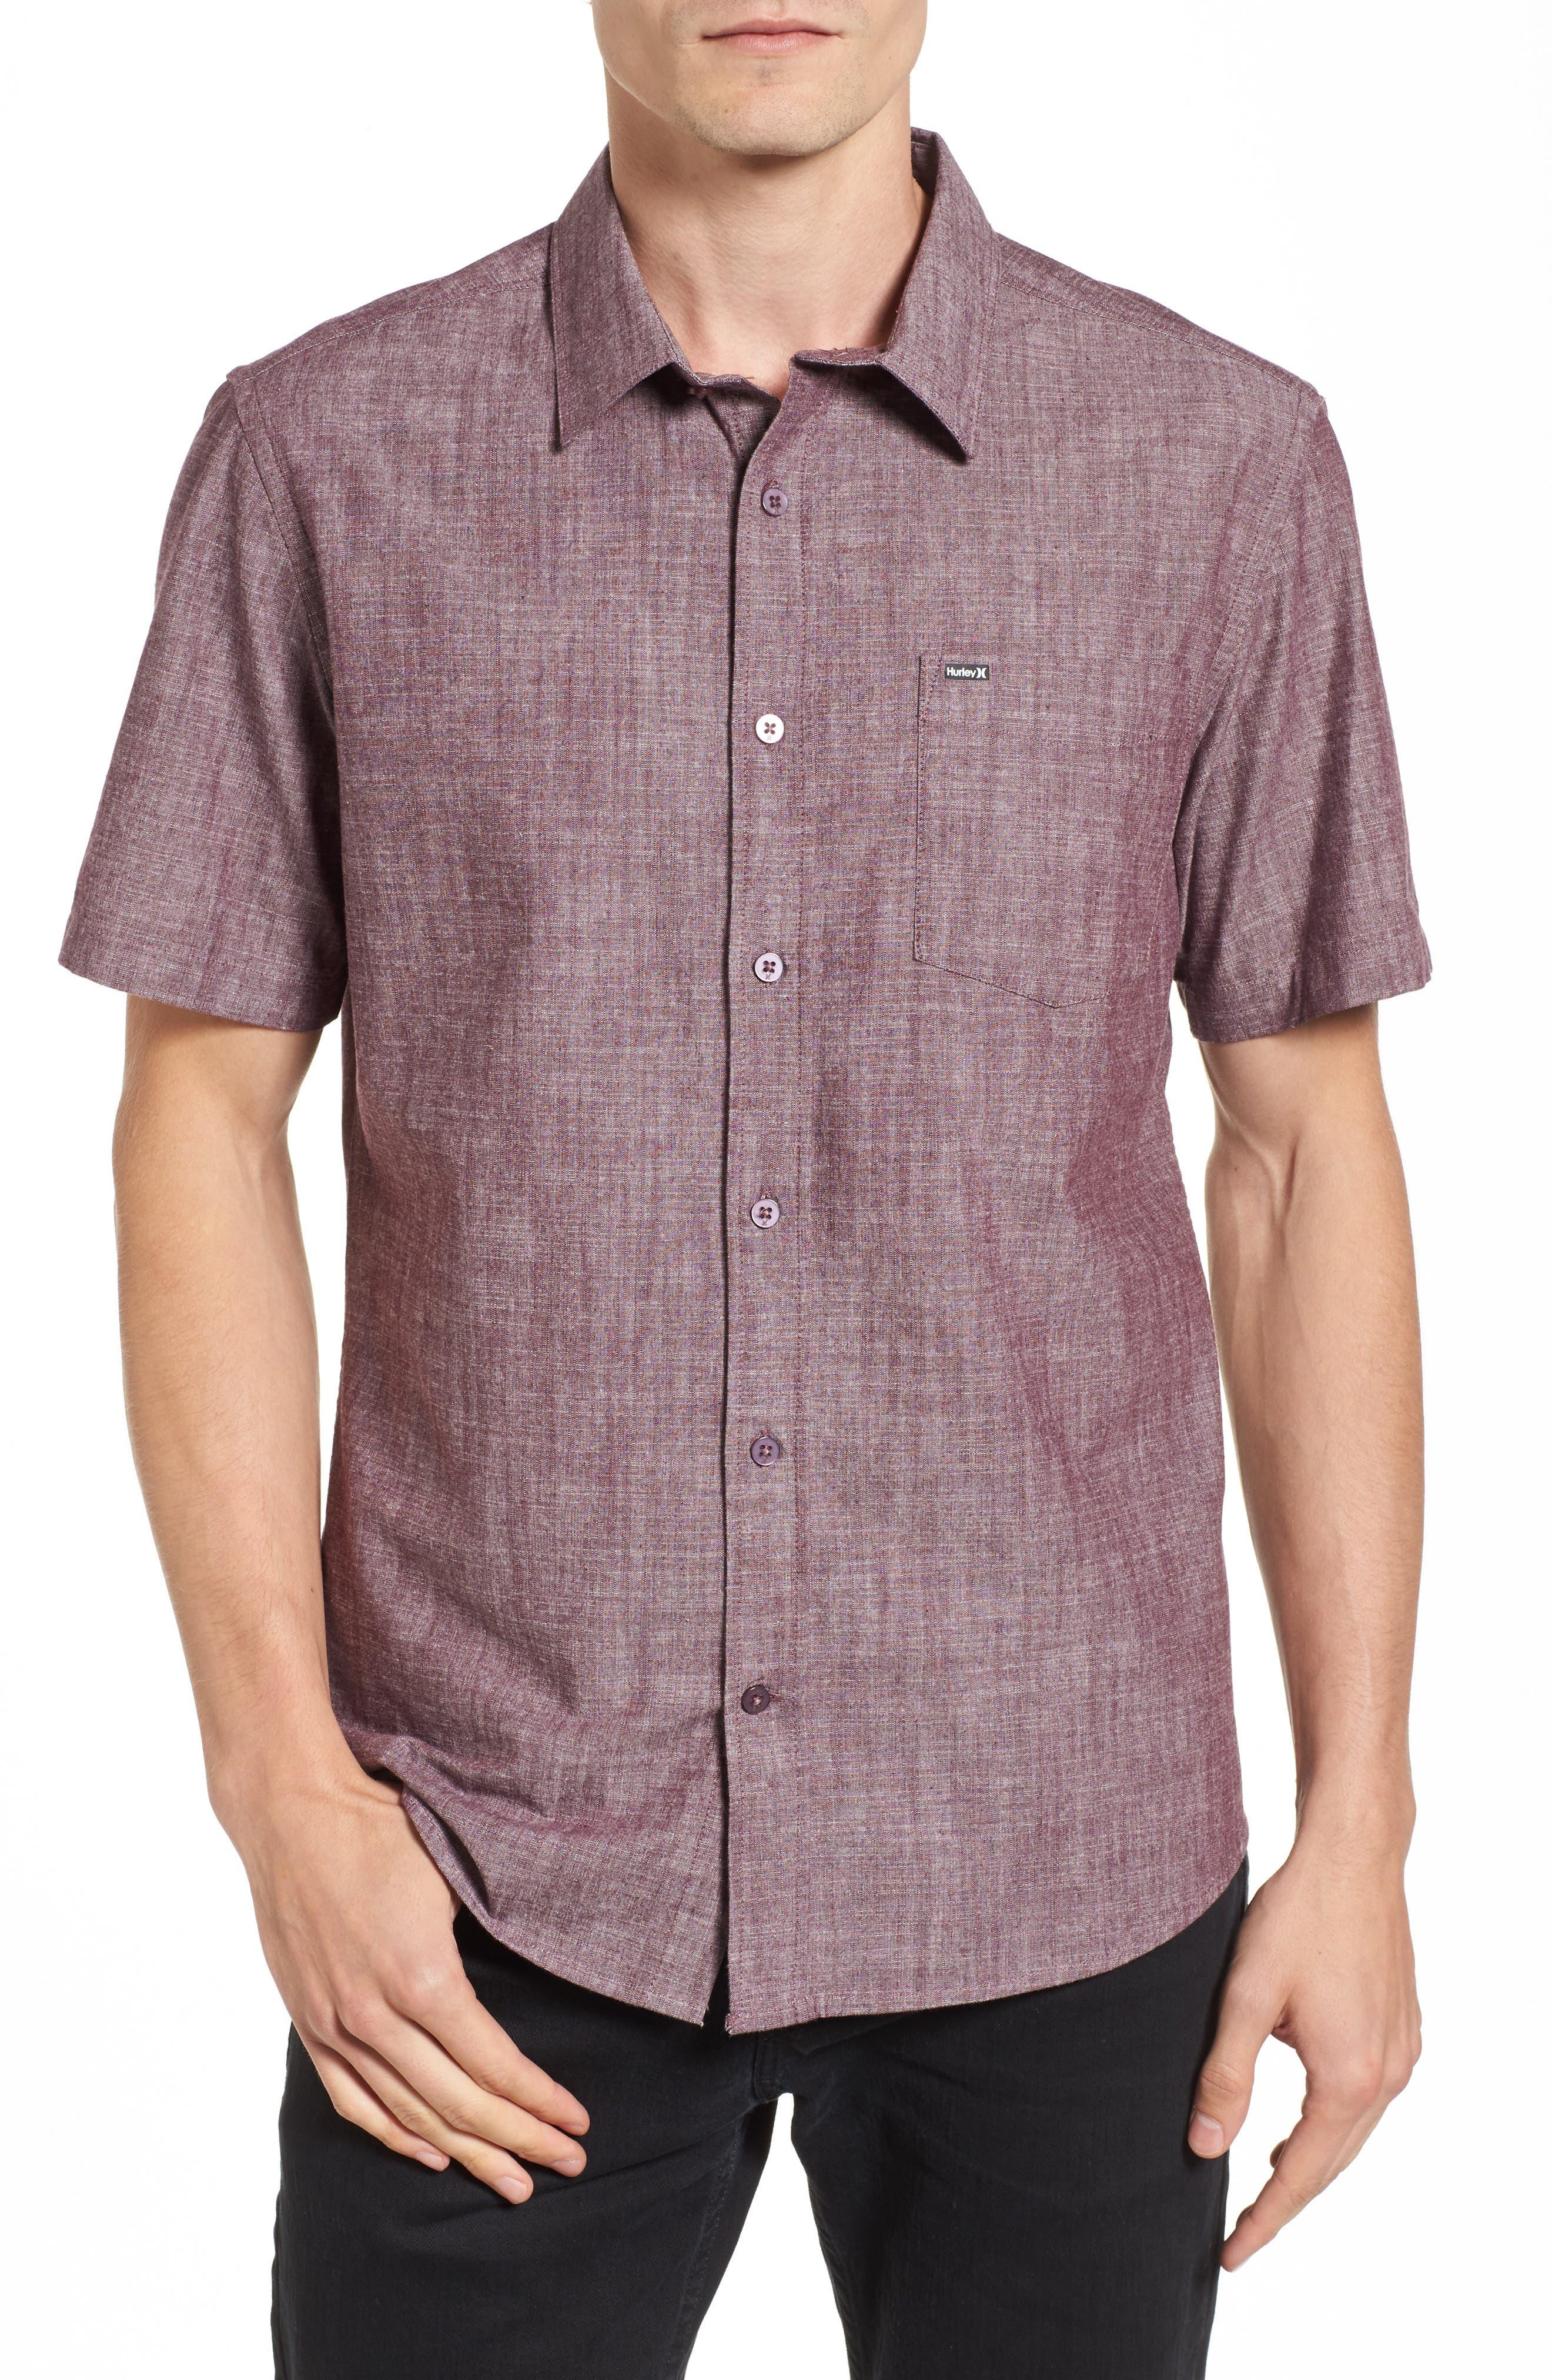 Main Image - Hurley O & O 3.0 Woven Shirt